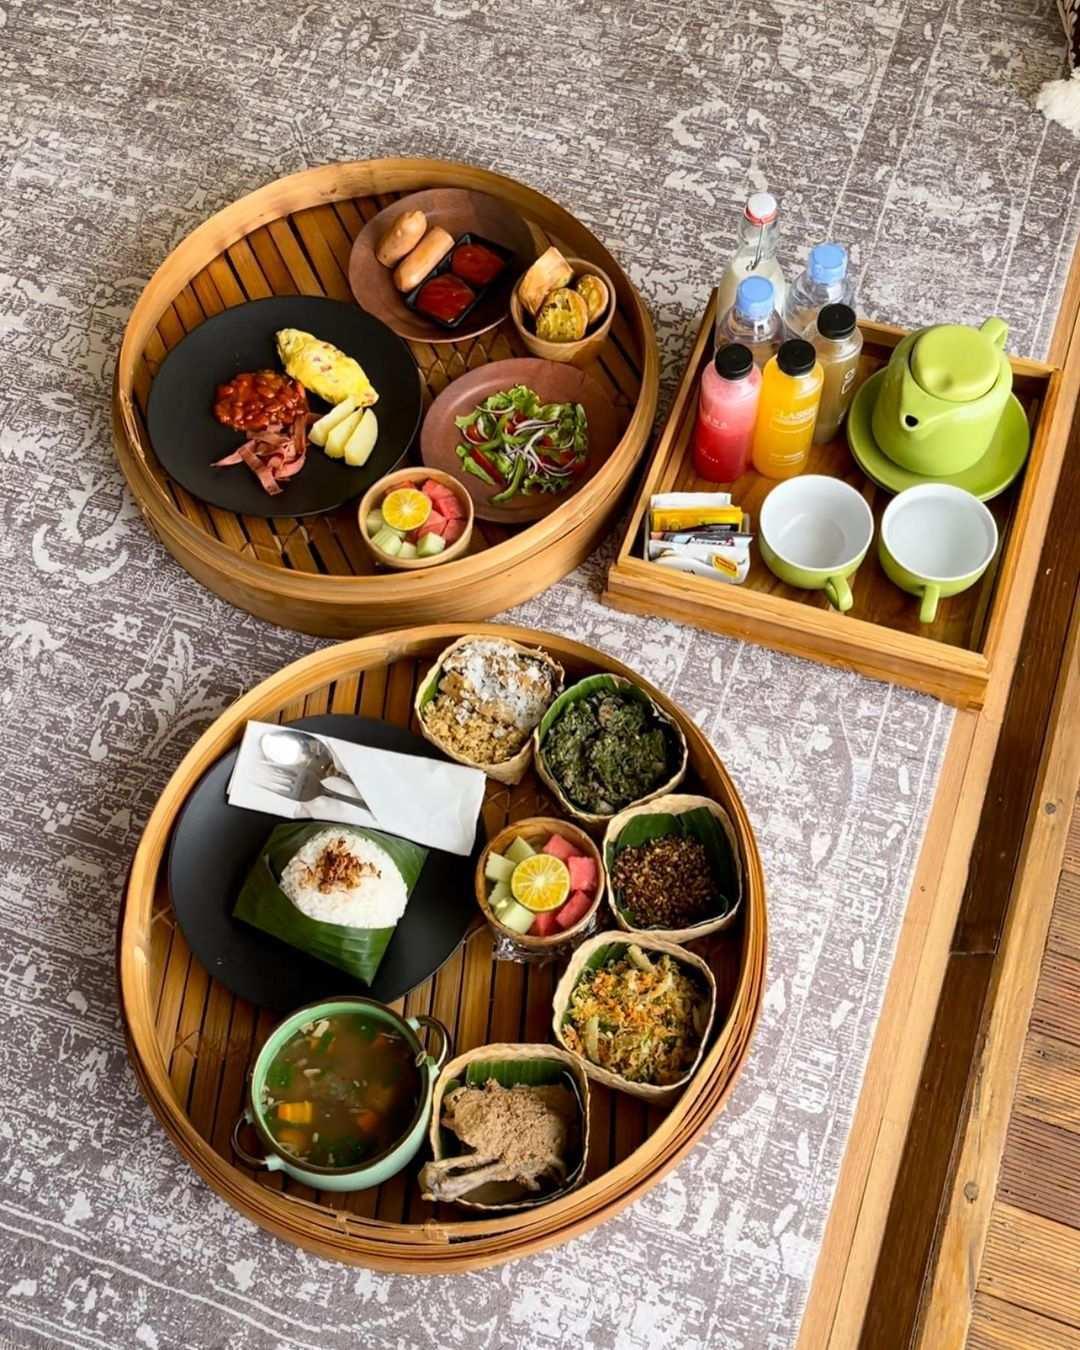 Makanan di Giri Wanara Camping Jogja Image From @wonderfuljogja